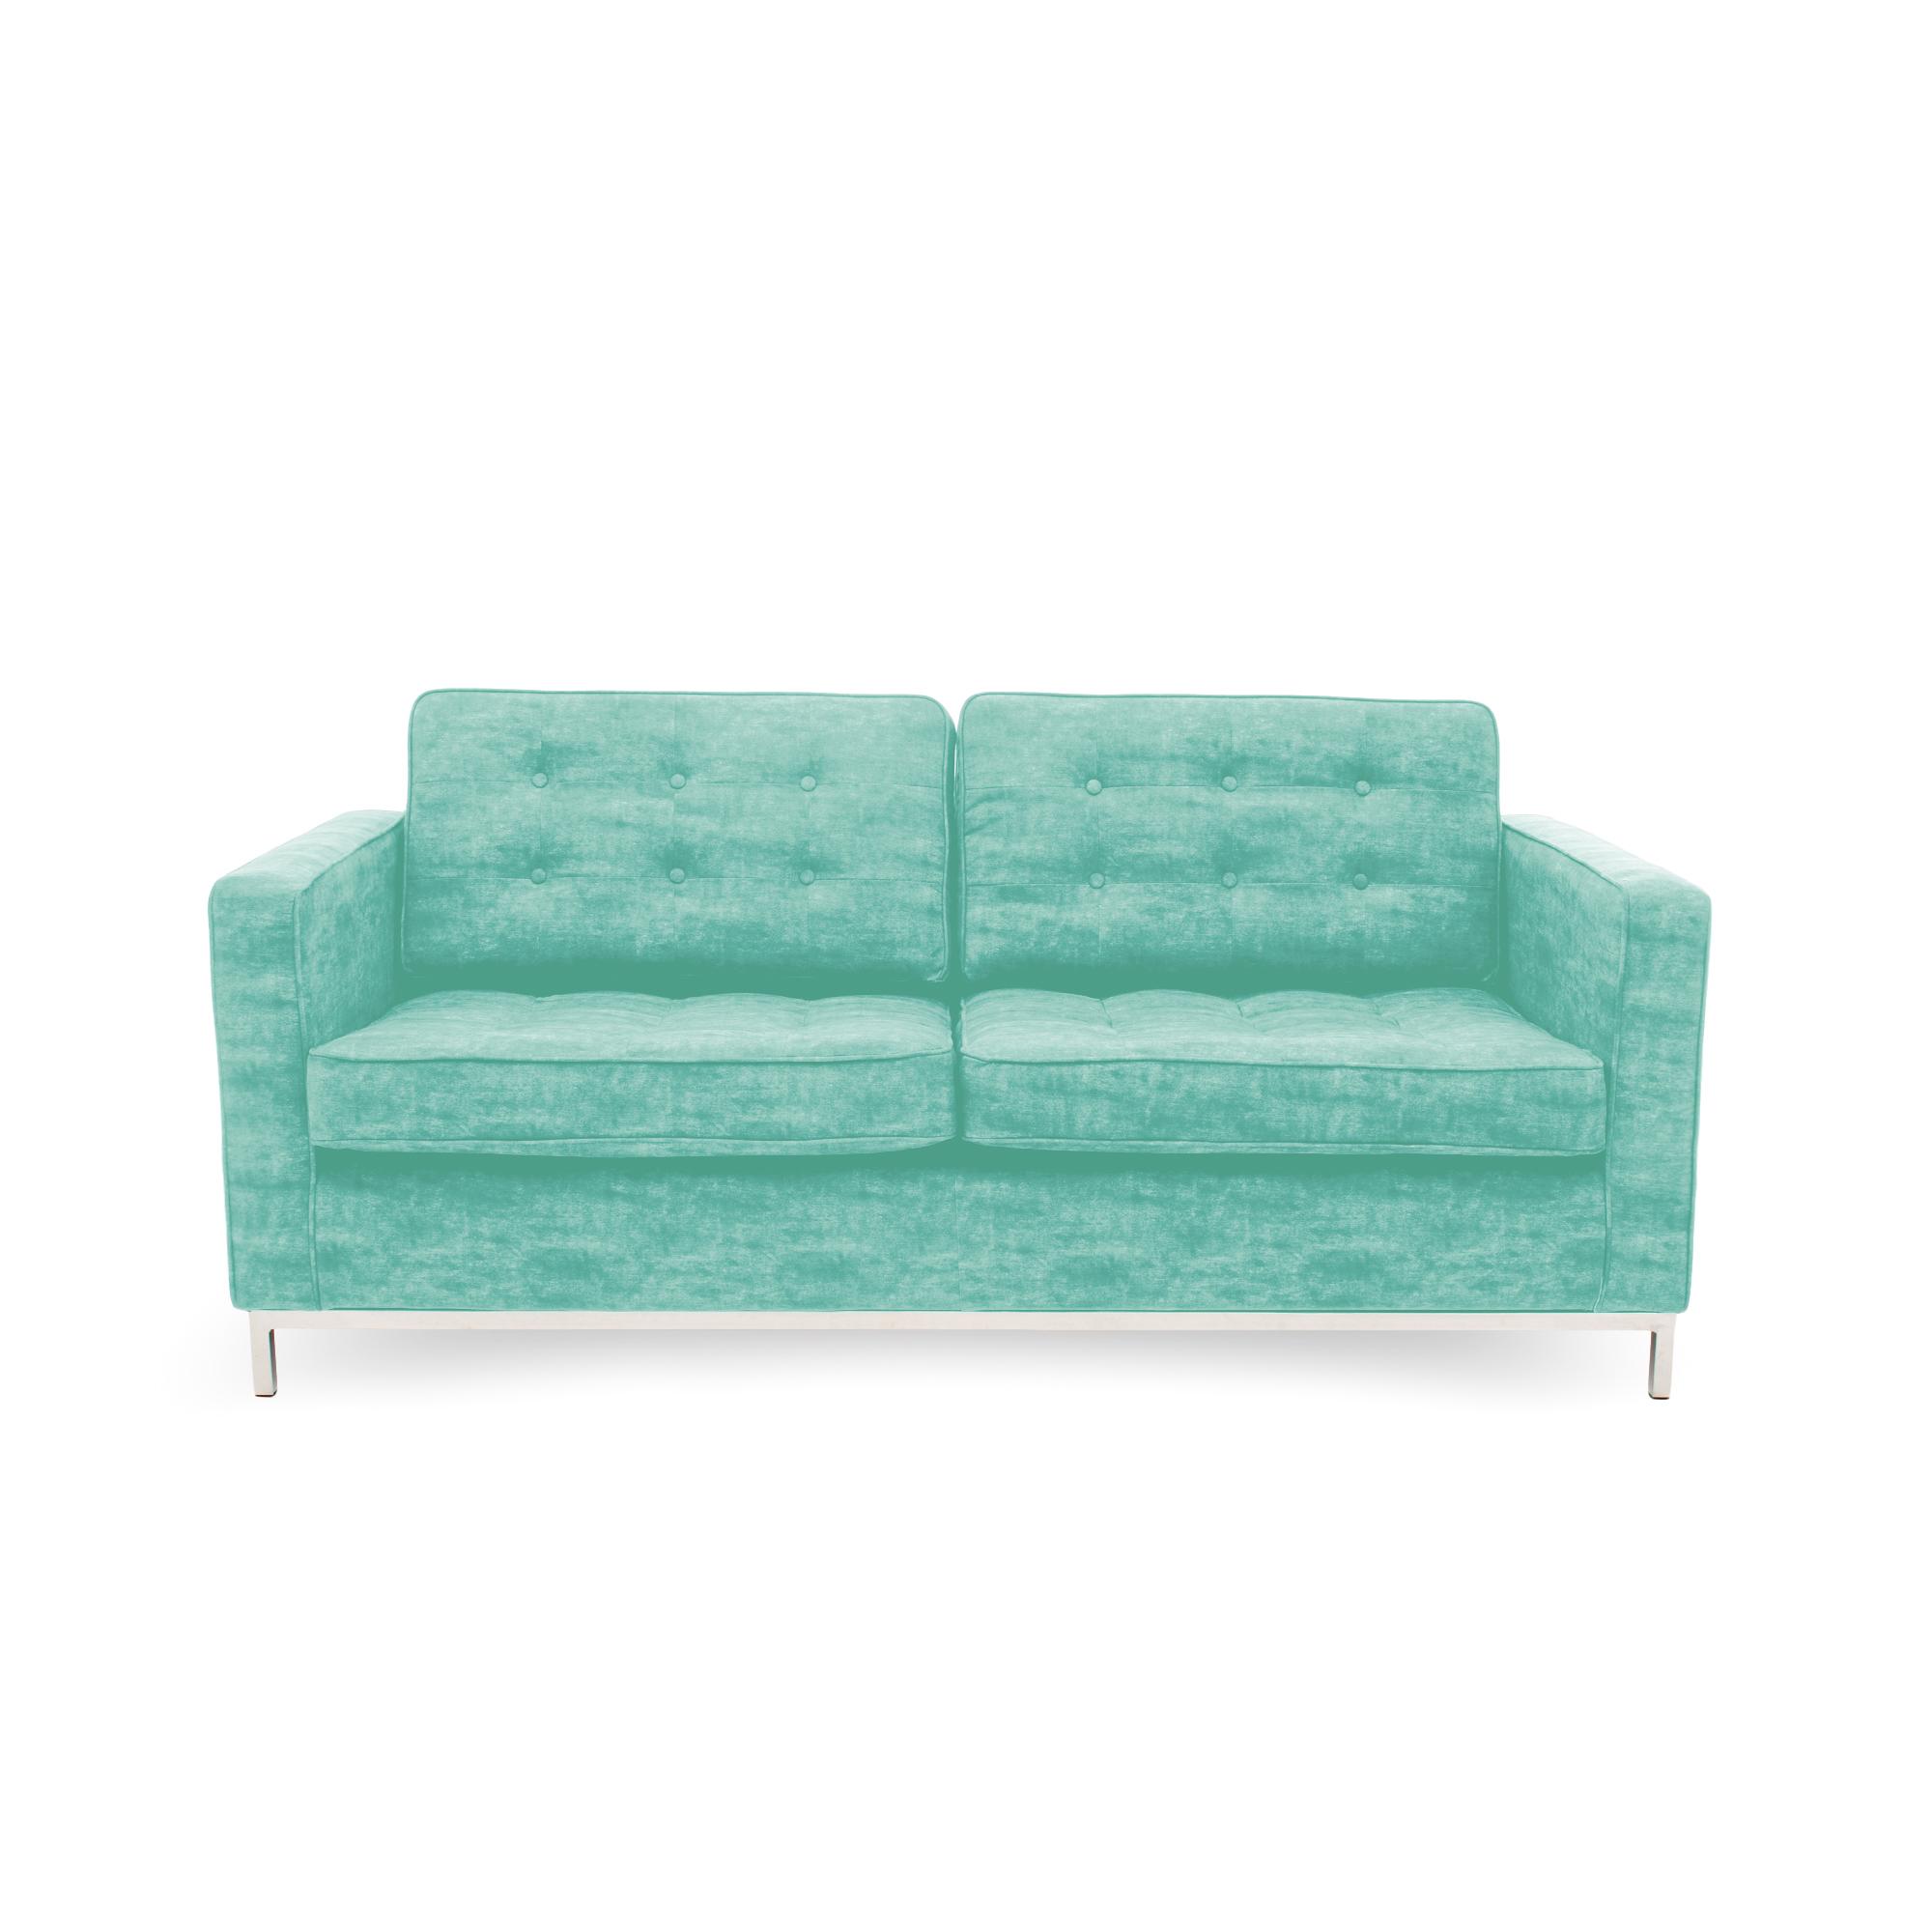 Canapea Fixa 3 locuri Ben Turquoise